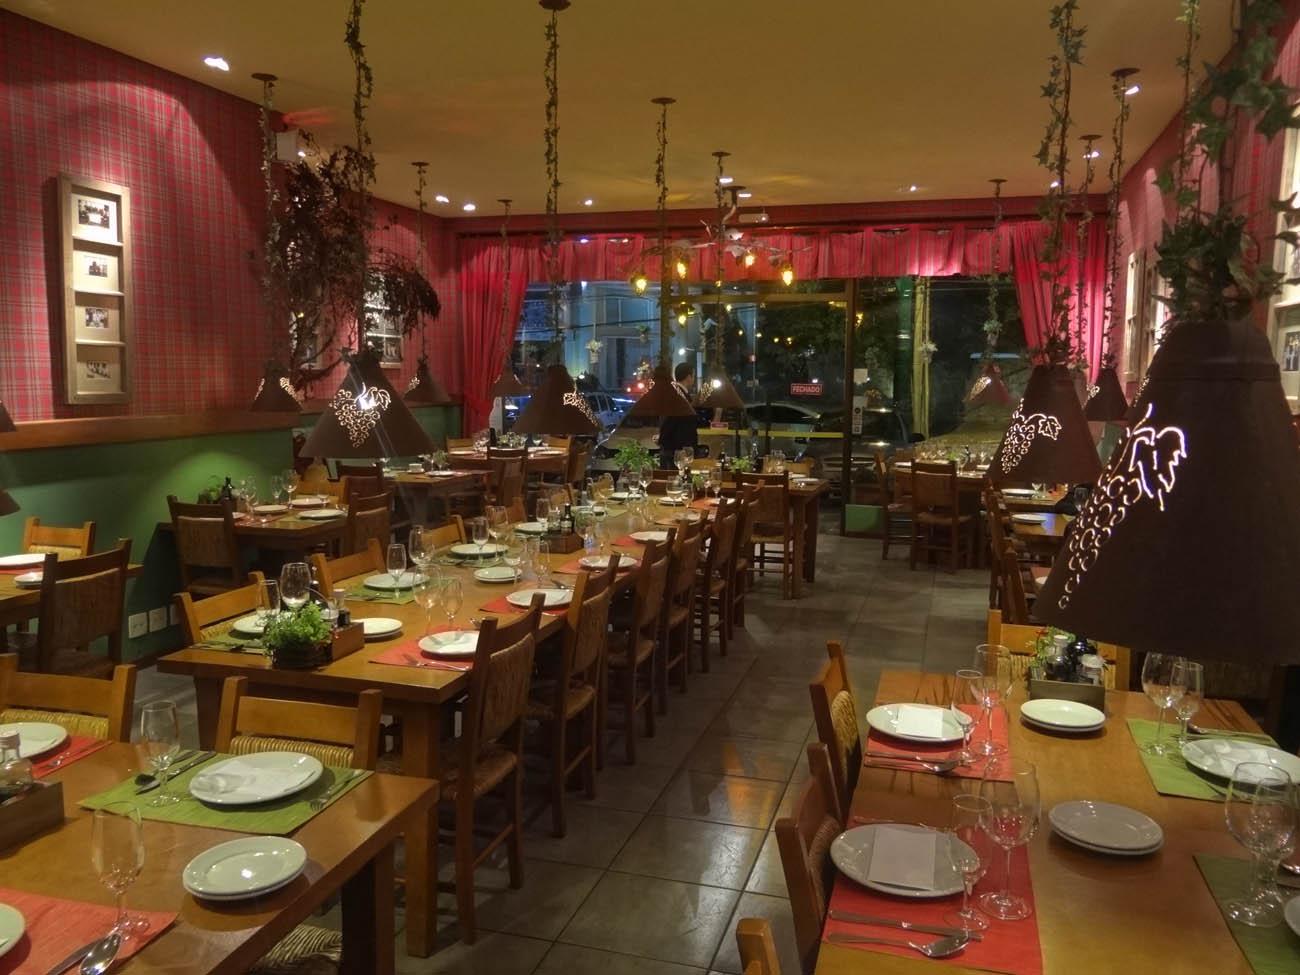 Restaurante Per Voi Mapa de Gramado. Foto: Bárbara Keller #9E392D 1300x975